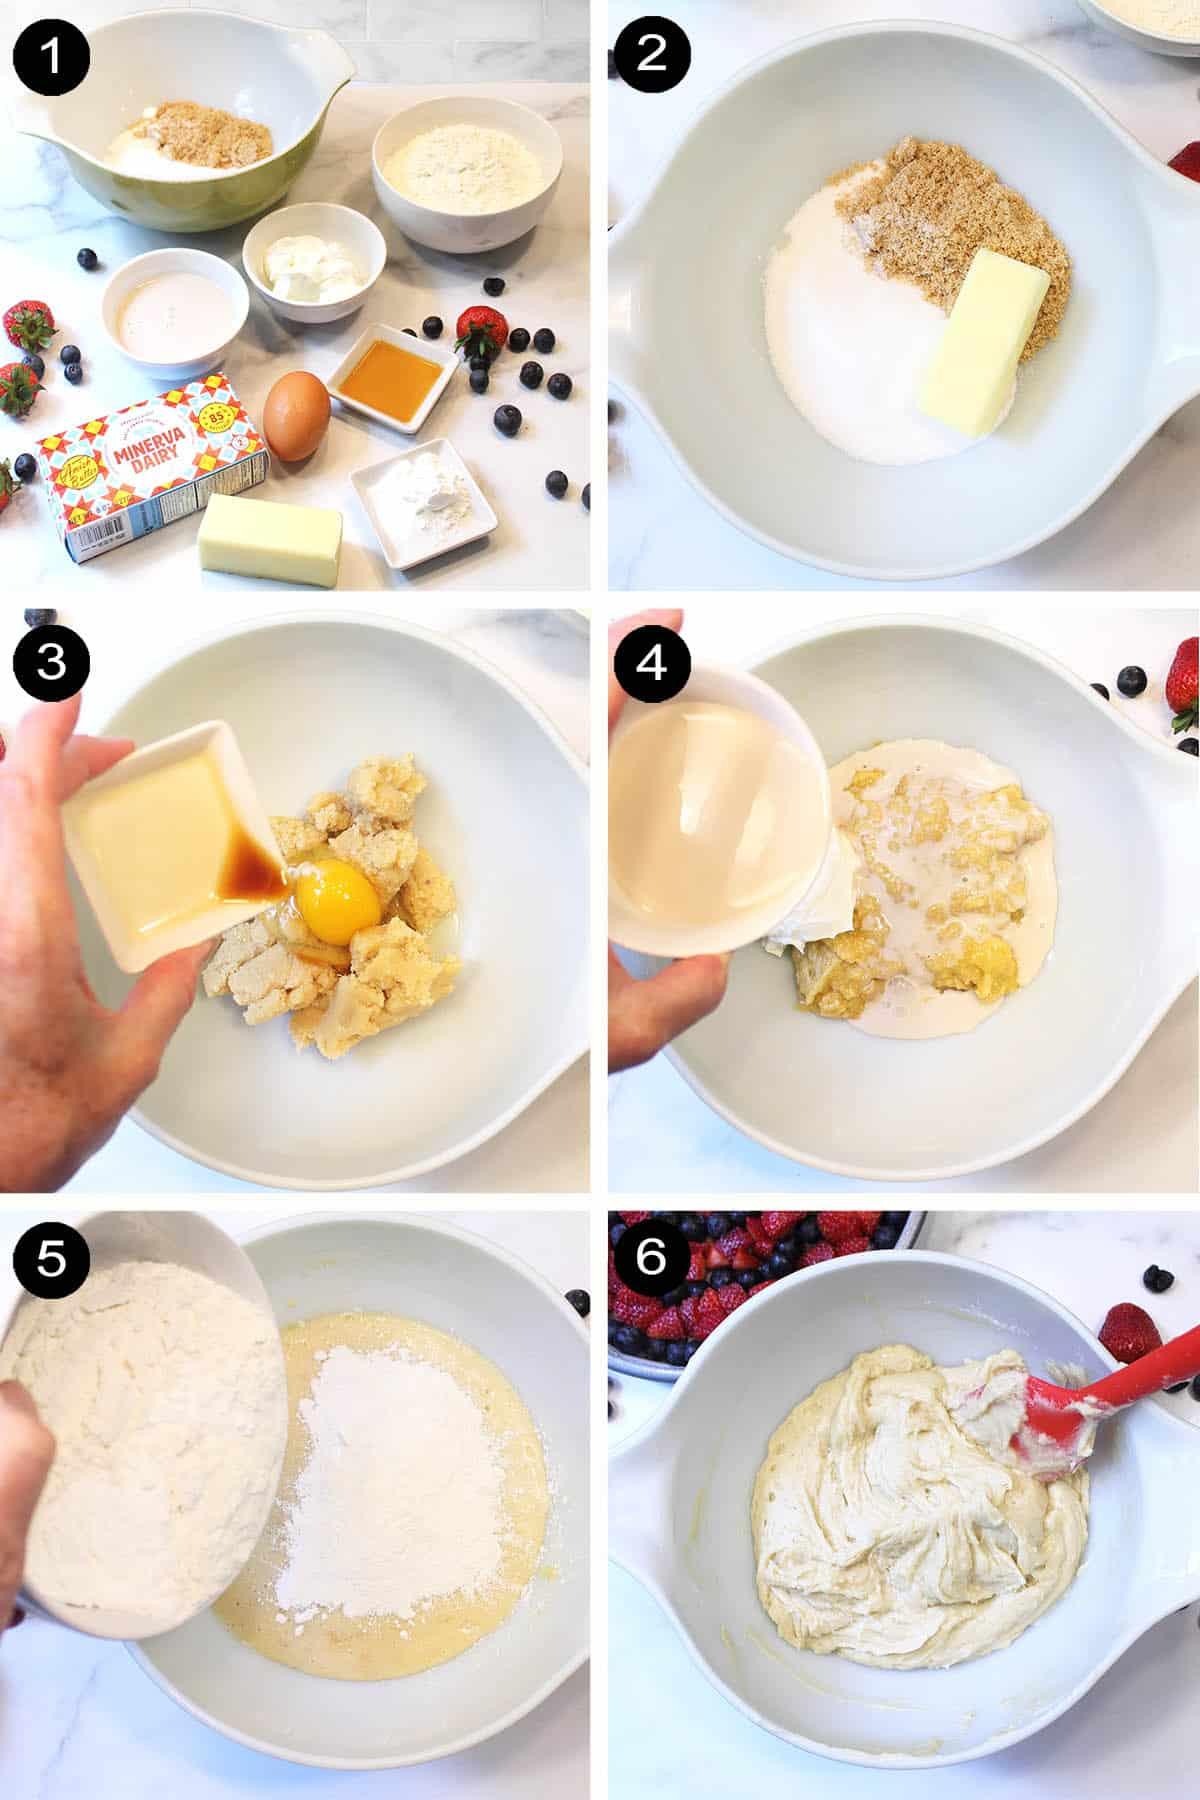 Steps to make upside down cake batter.